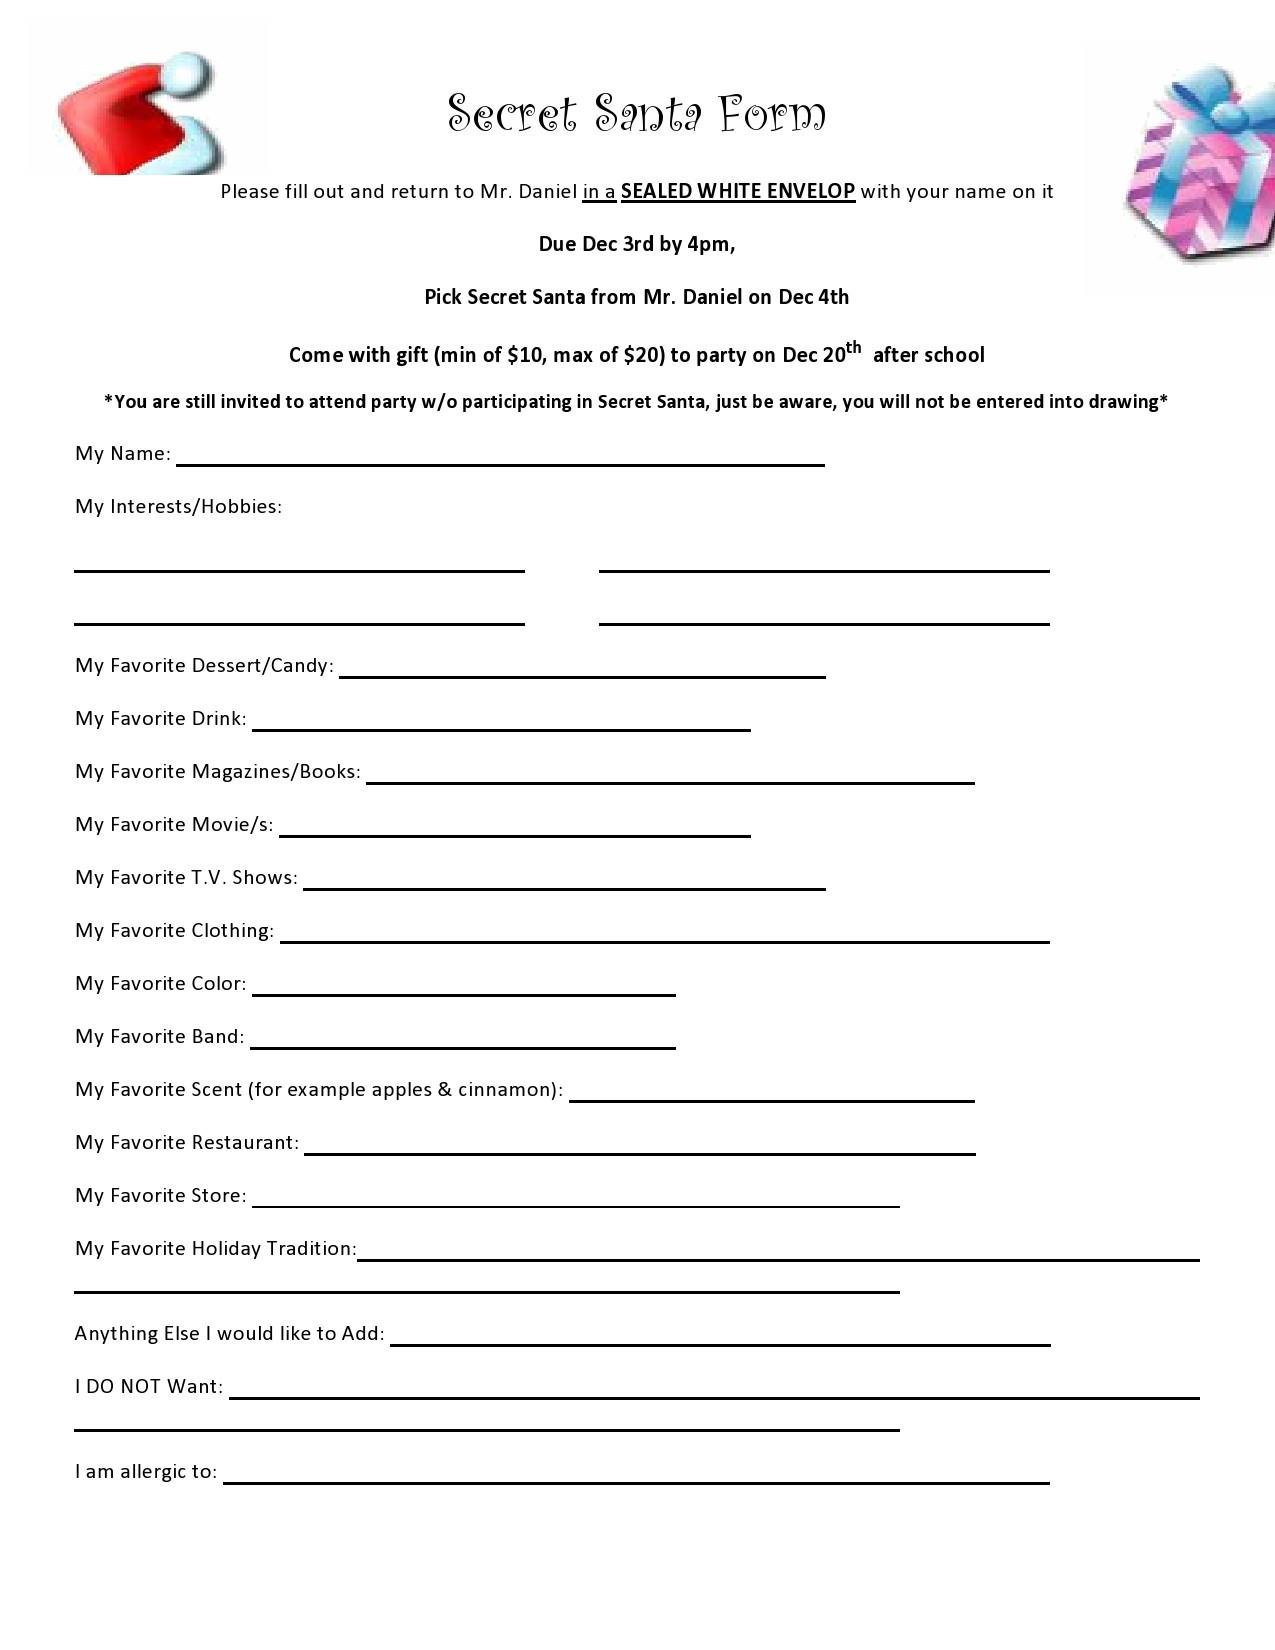 Free secret santa questionnaire 20